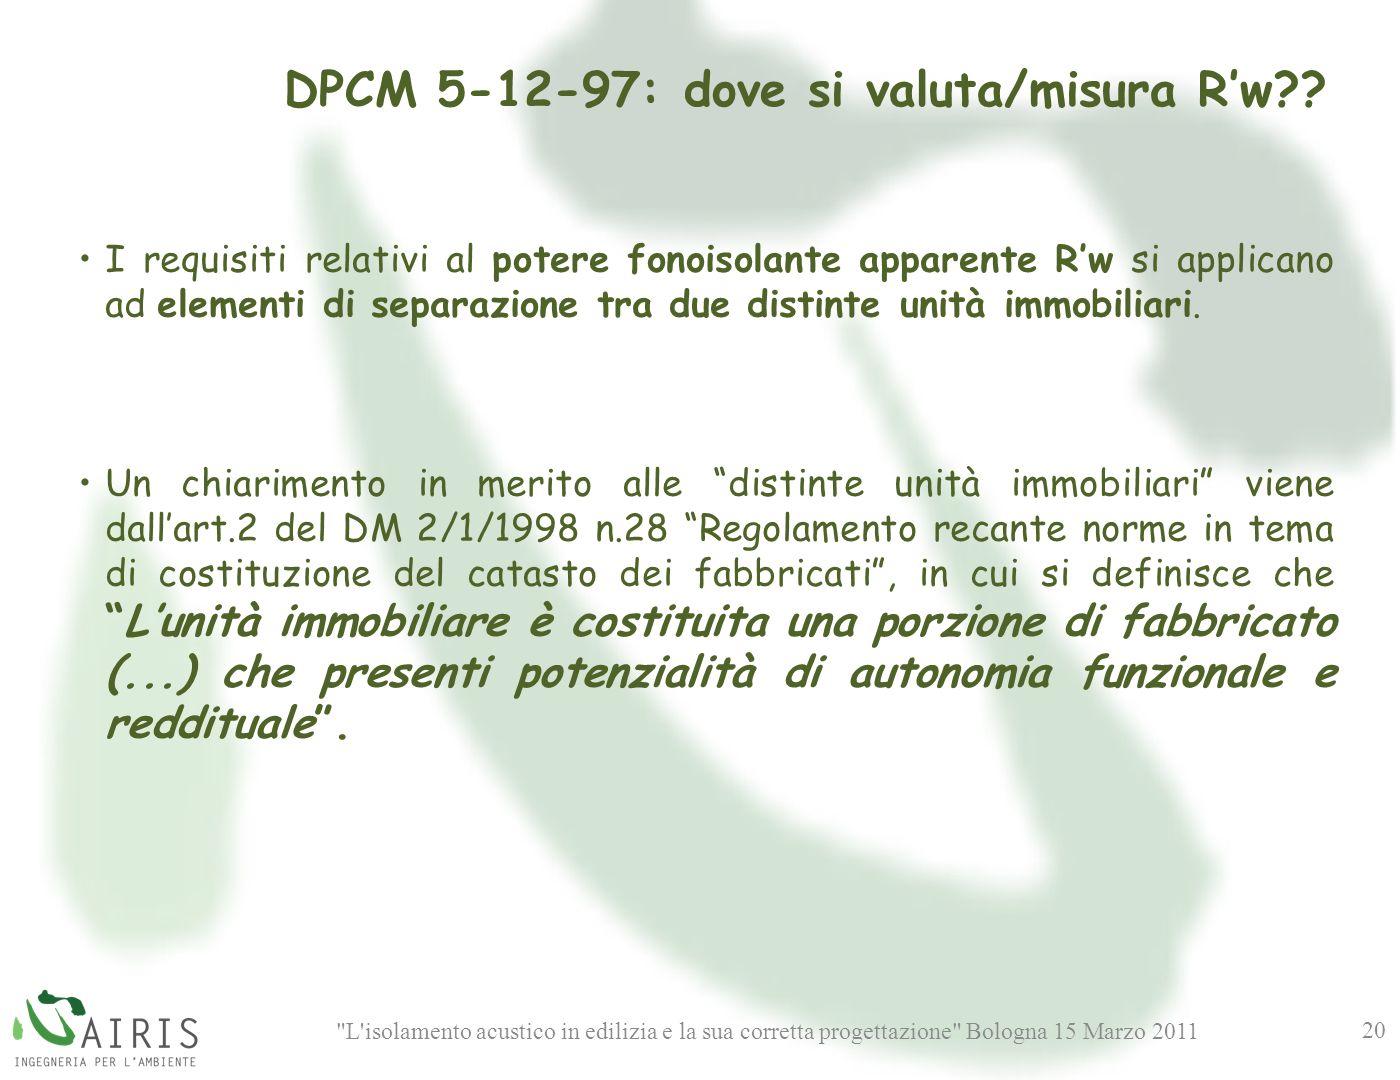 DPCM 5-12-97: dove si valuta/misura R'w